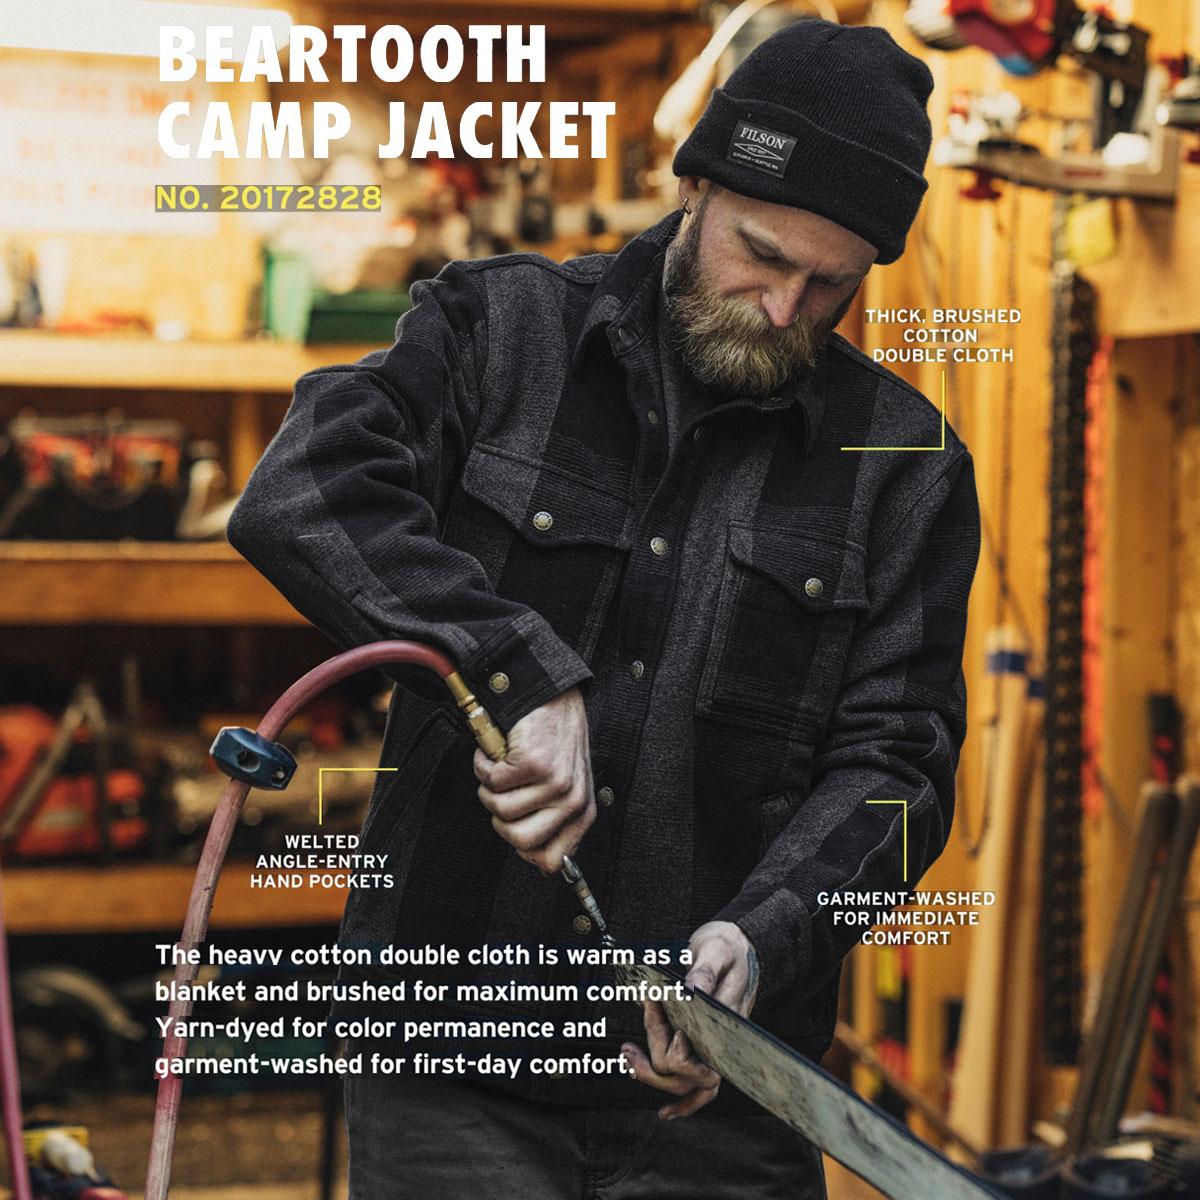 Filson Beartooth Camp Jacket Black/Gray Heather, Hergestellt aus schwerer Baumwolle, um kühles Wetter abzuwehren.